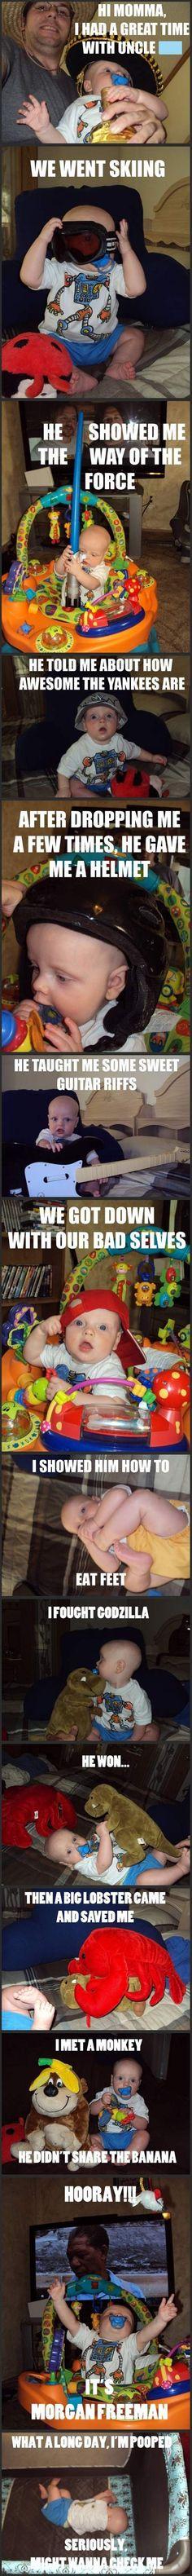 Babysitting Win